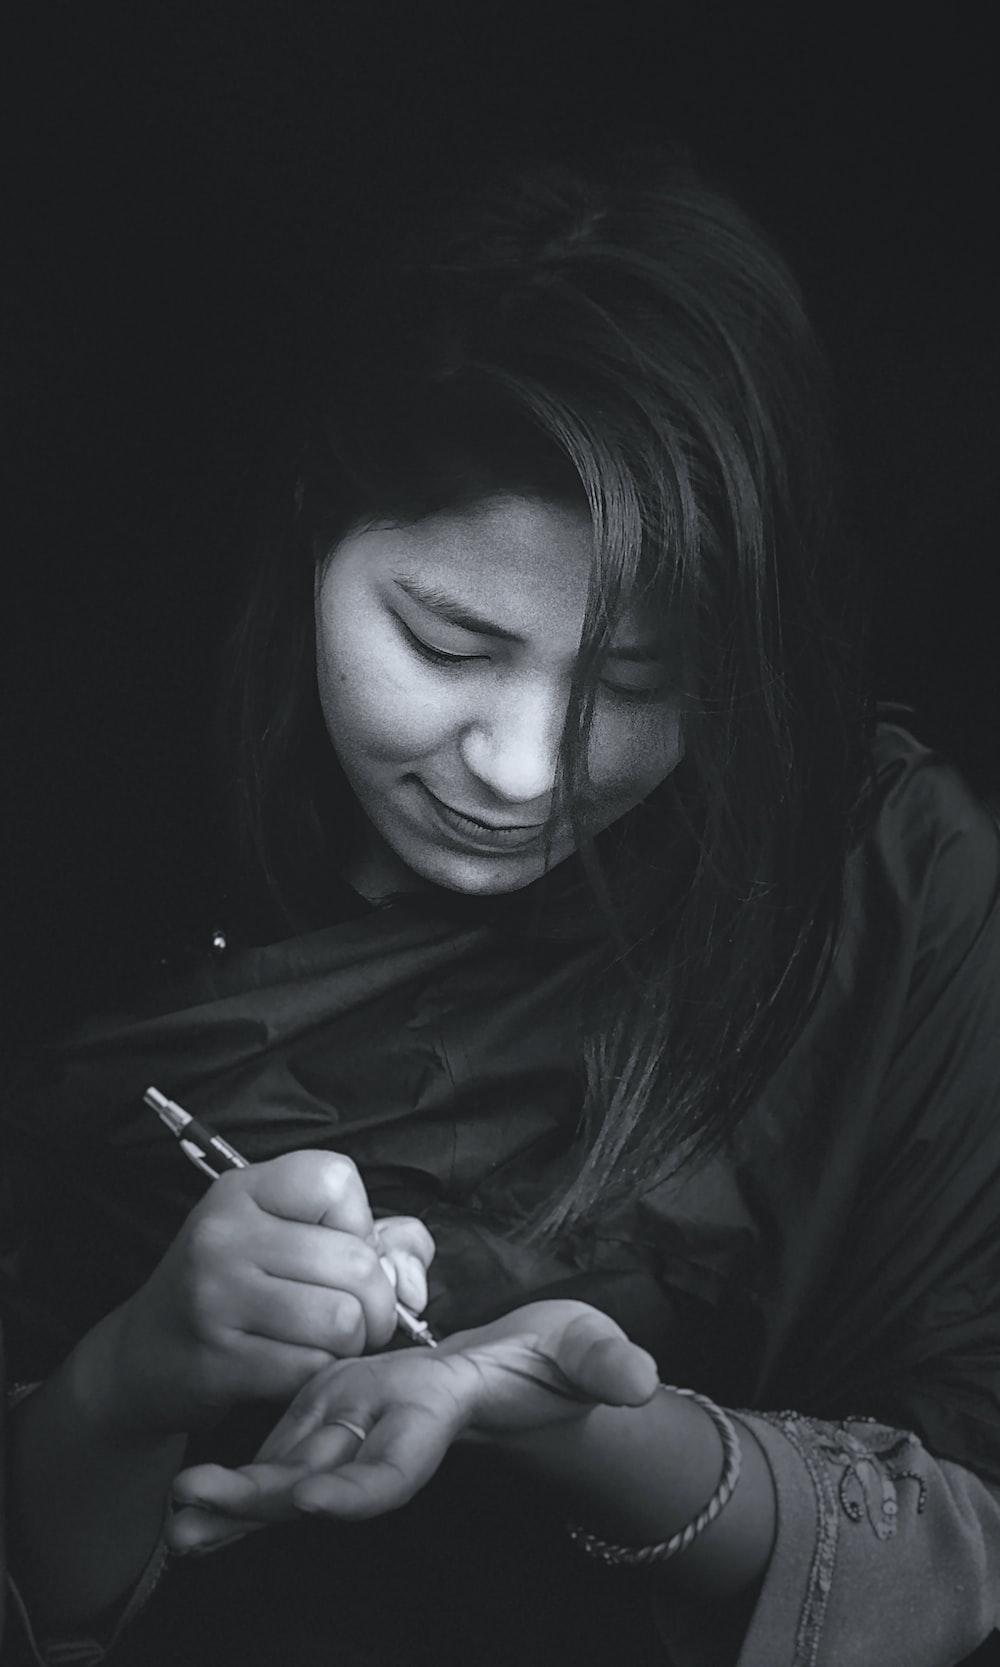 woman in black jacket holding pen